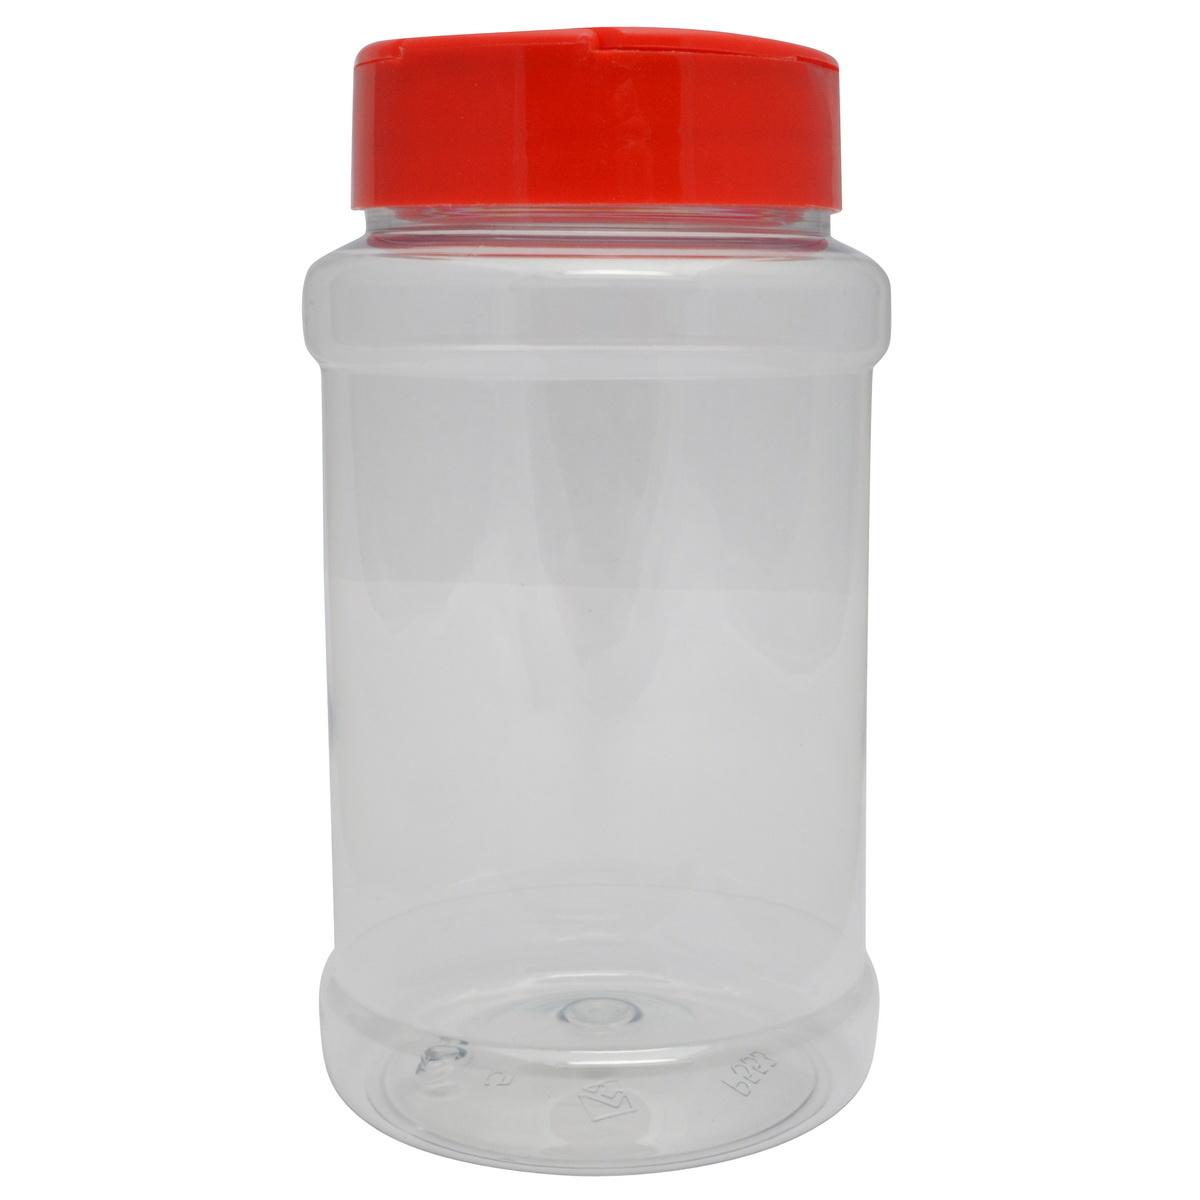 Strooibus kunststof 500 ml met rode deksel